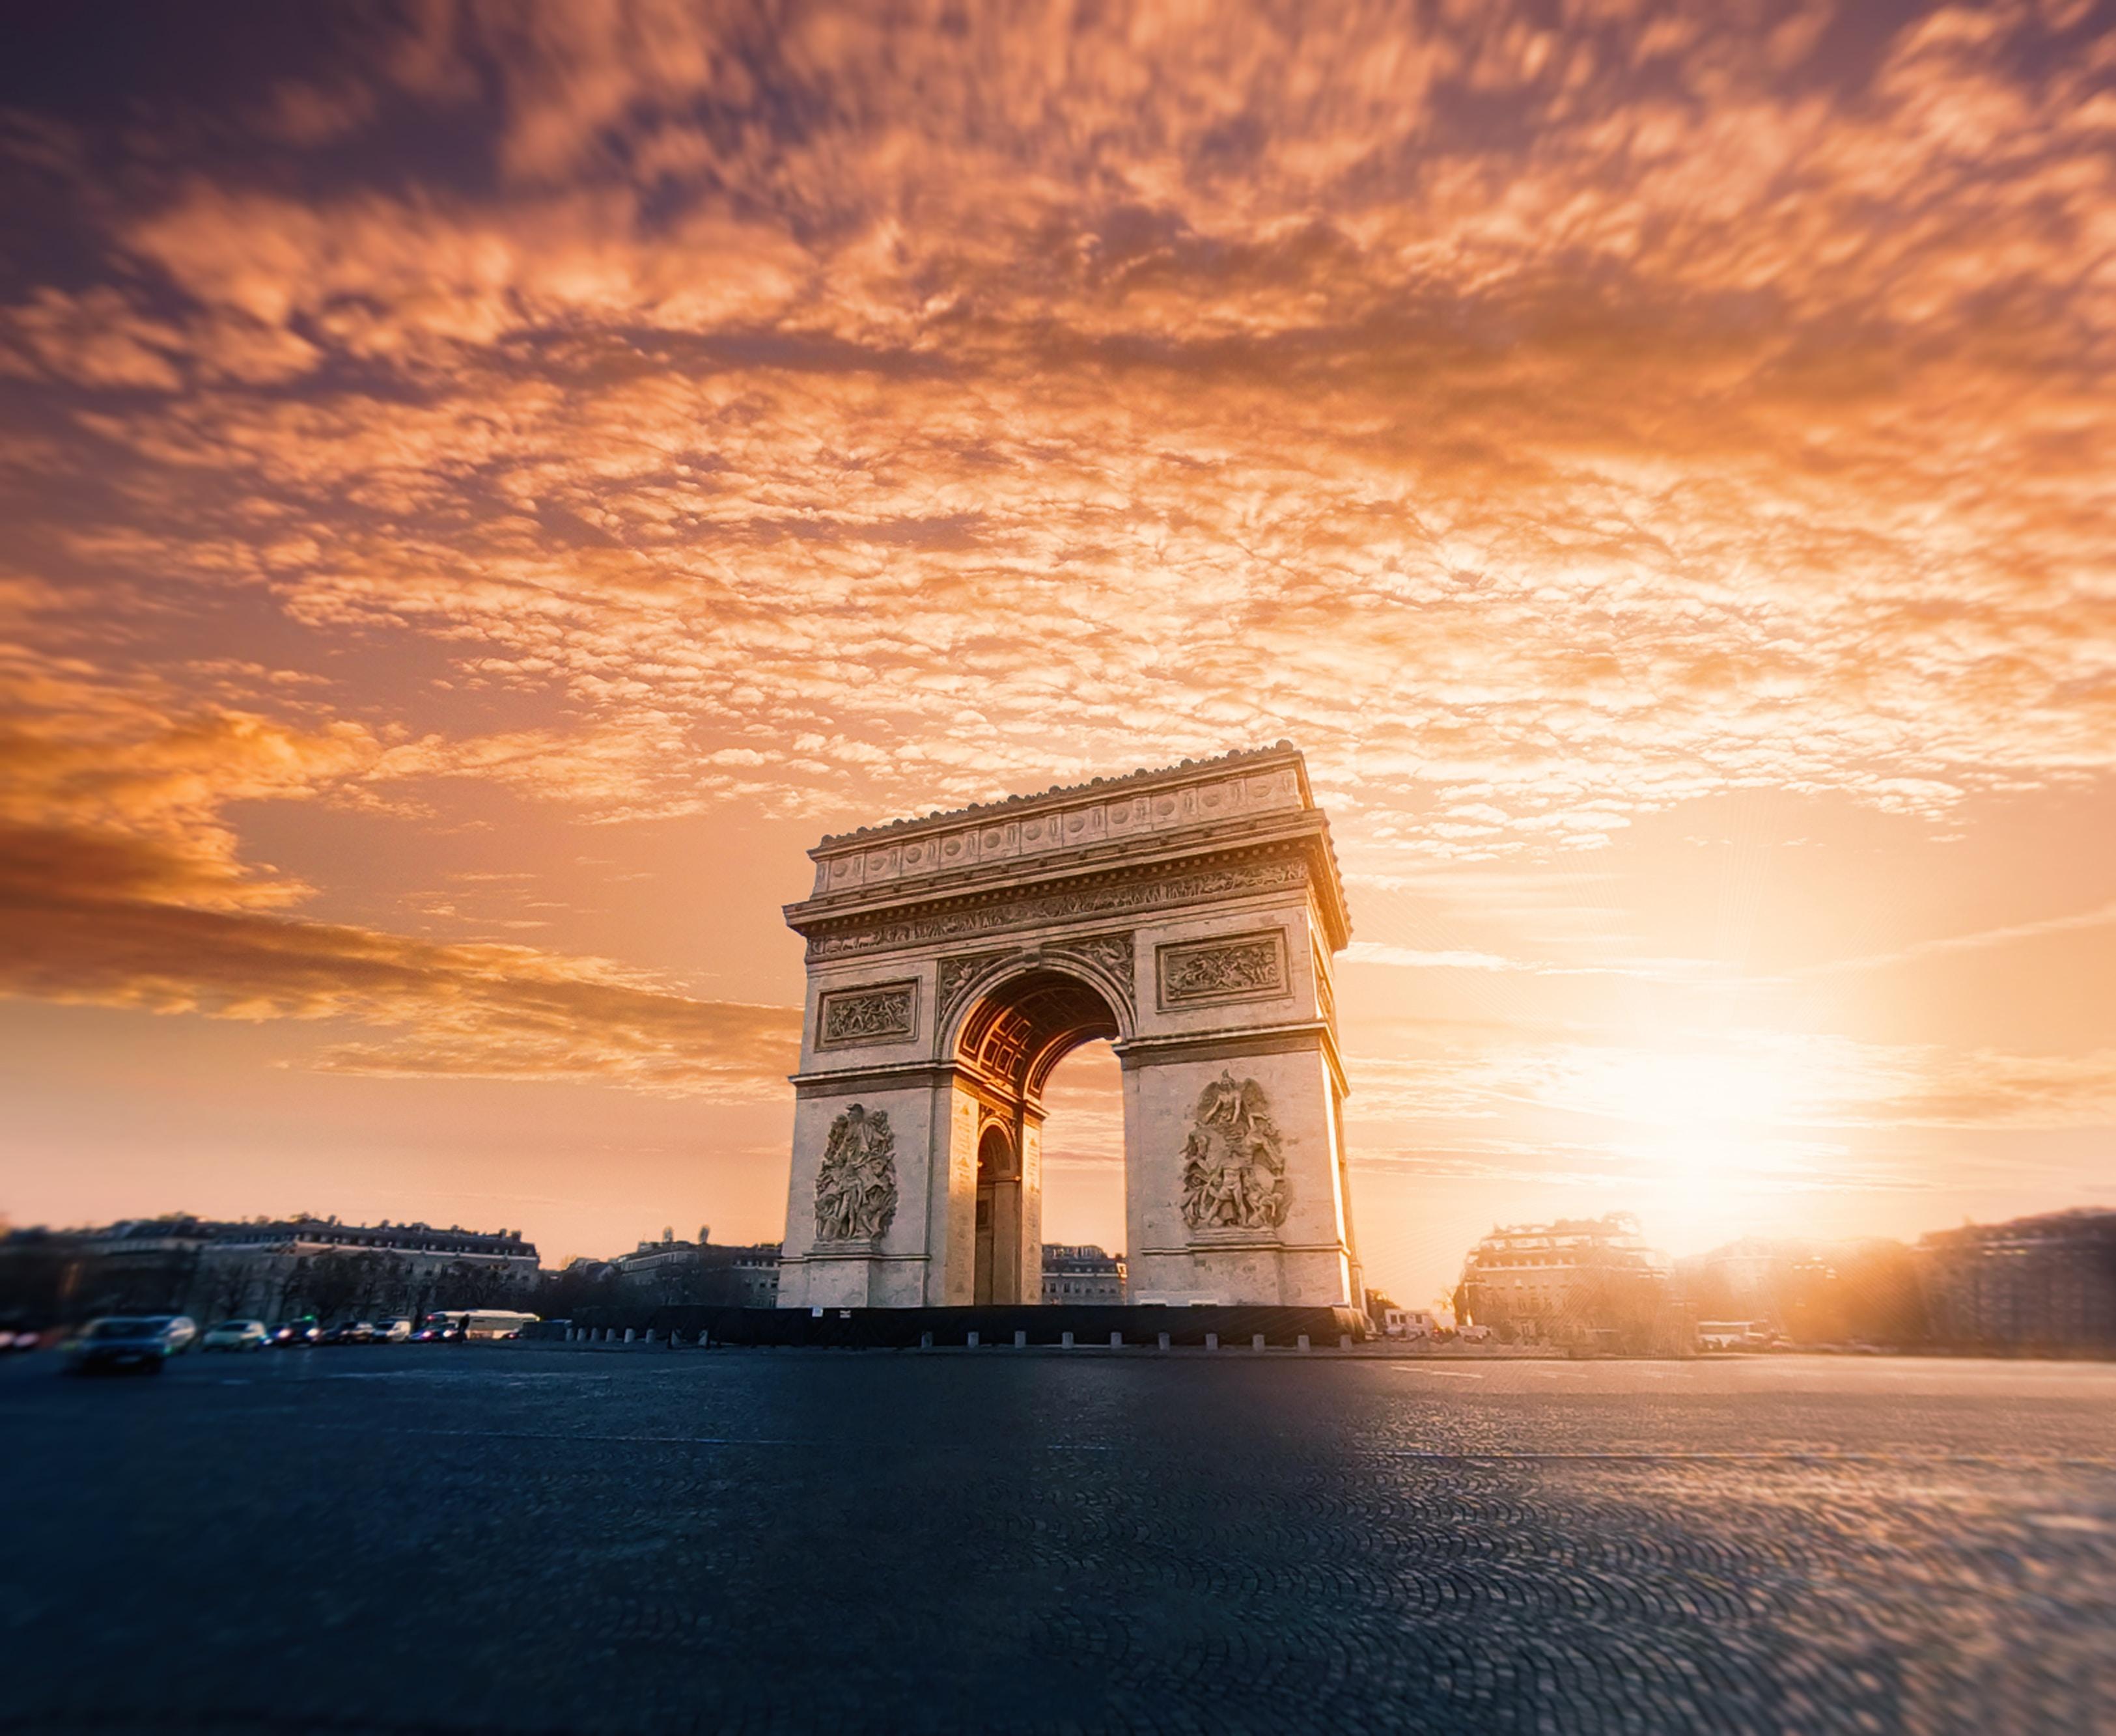 Arc the Triumph, Paris France